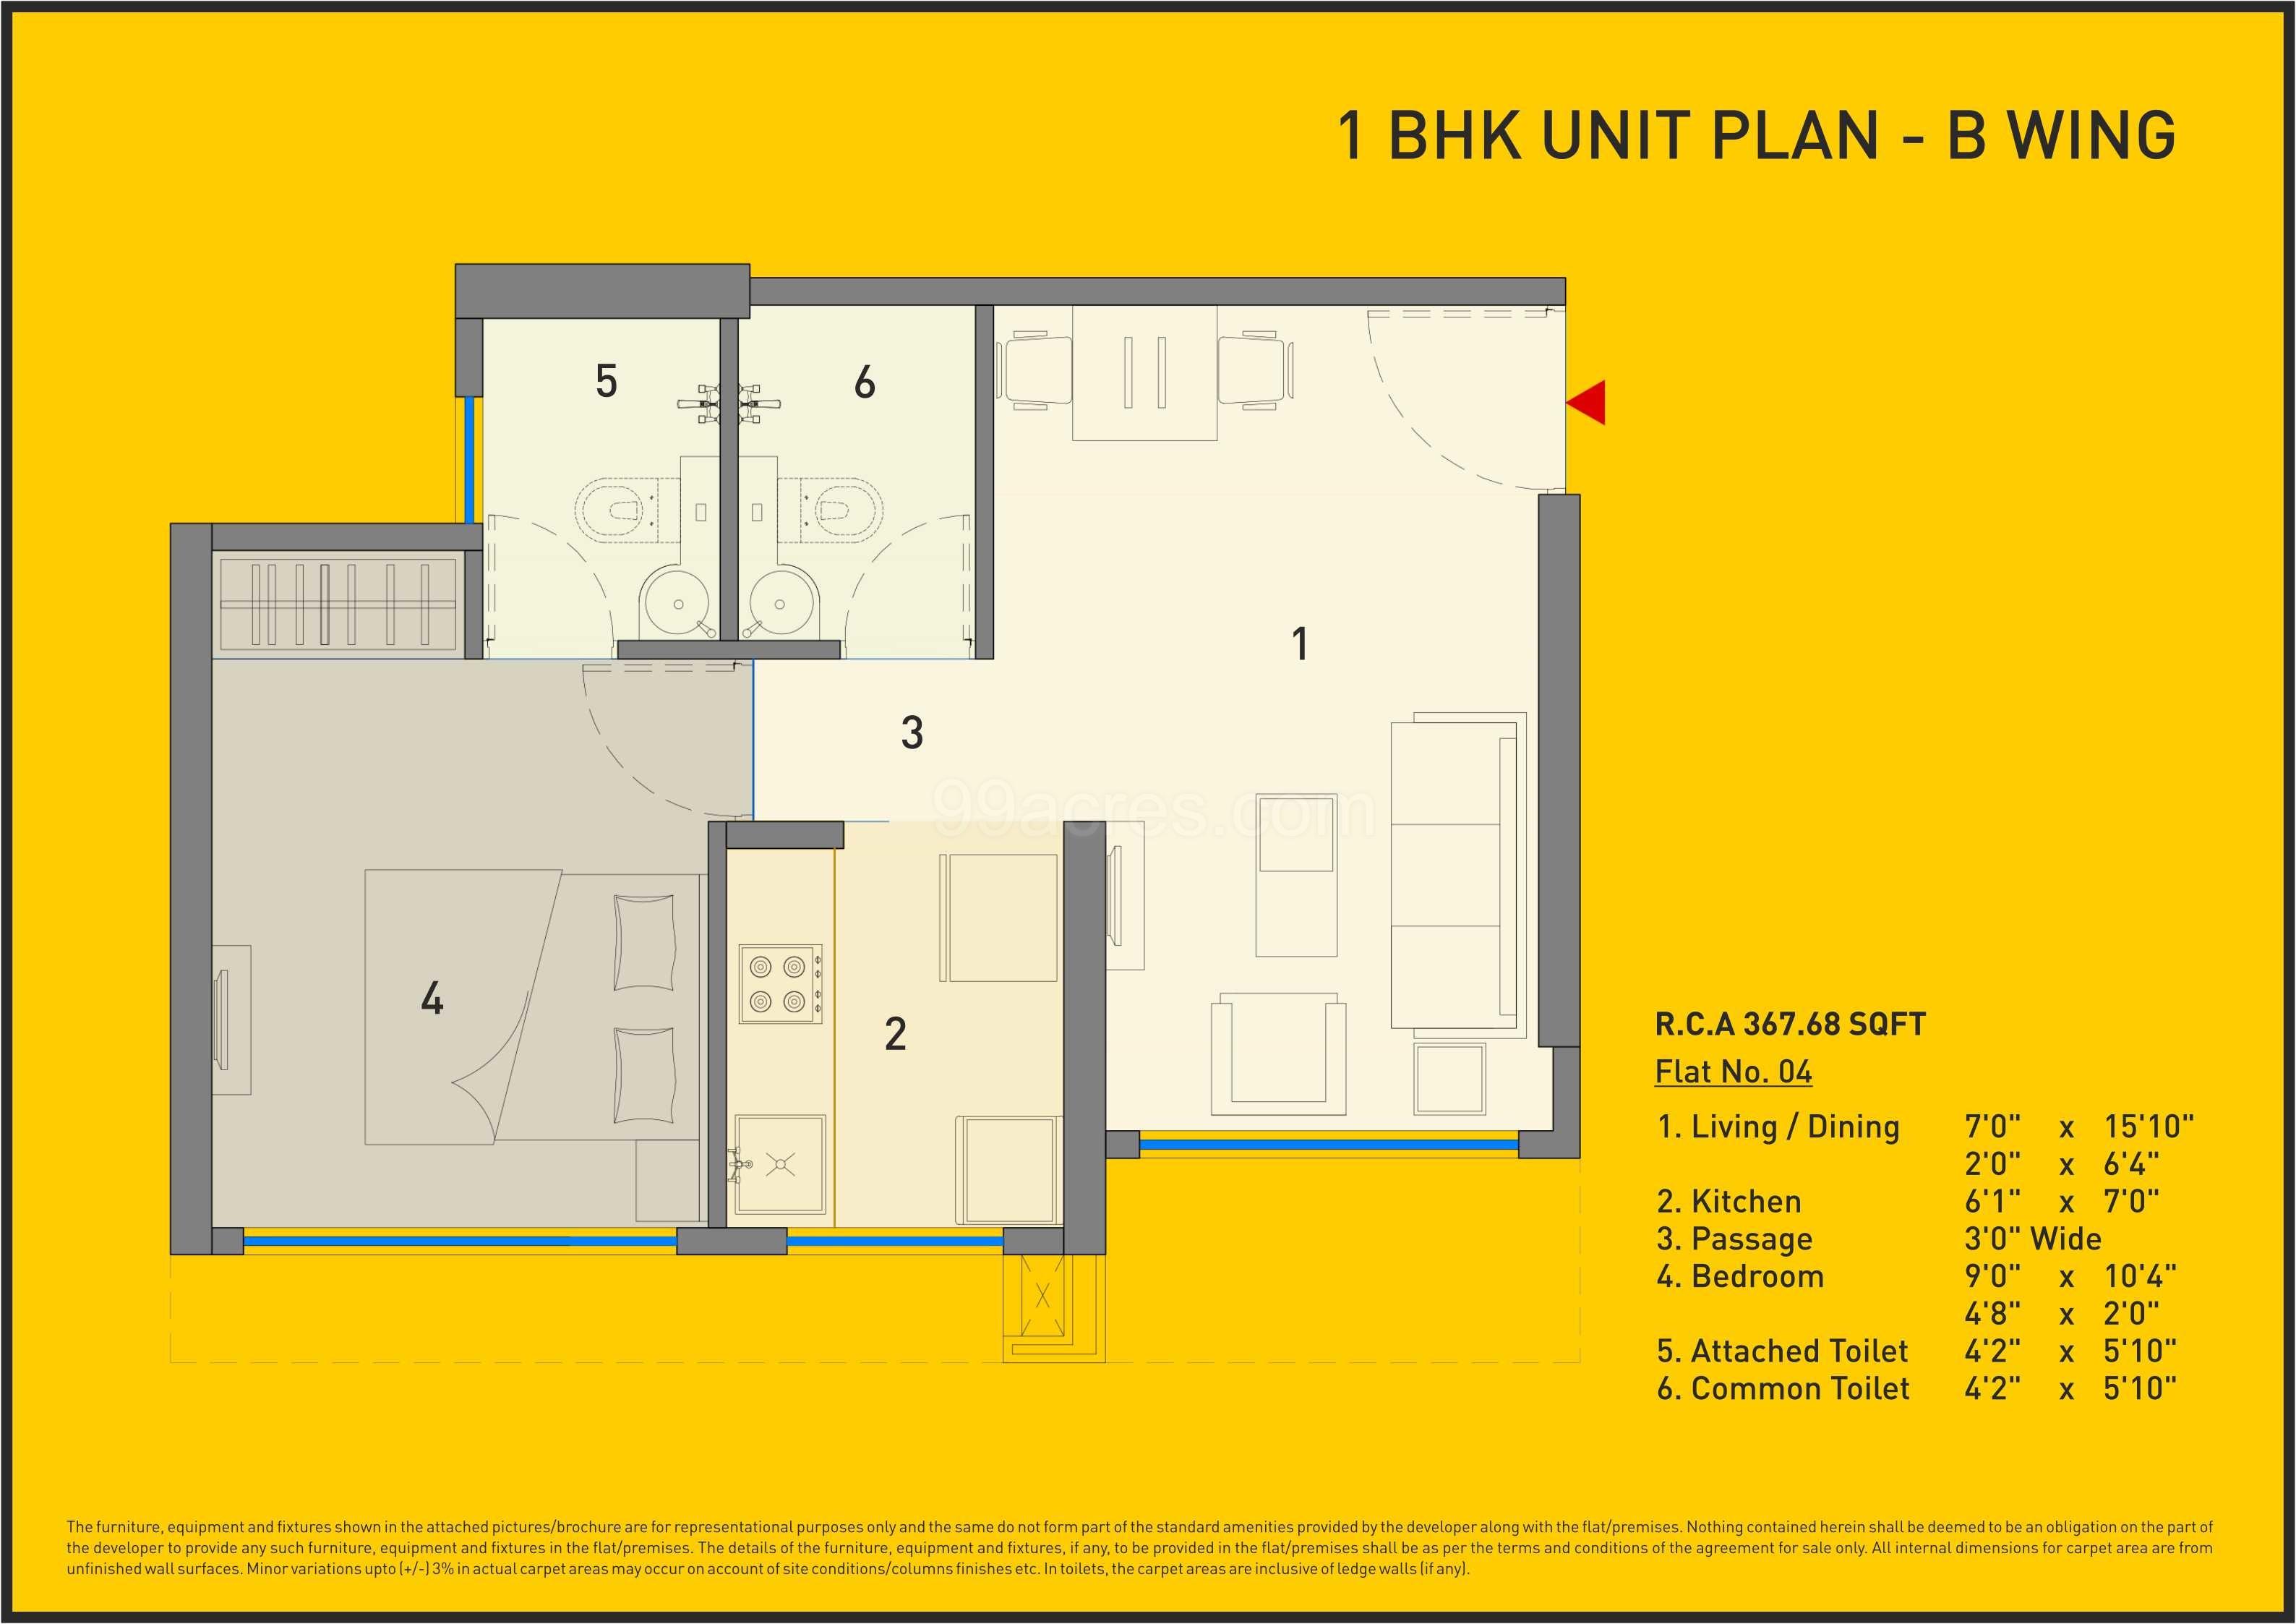 Carpet Area 367 68 Sq Ft Apartment